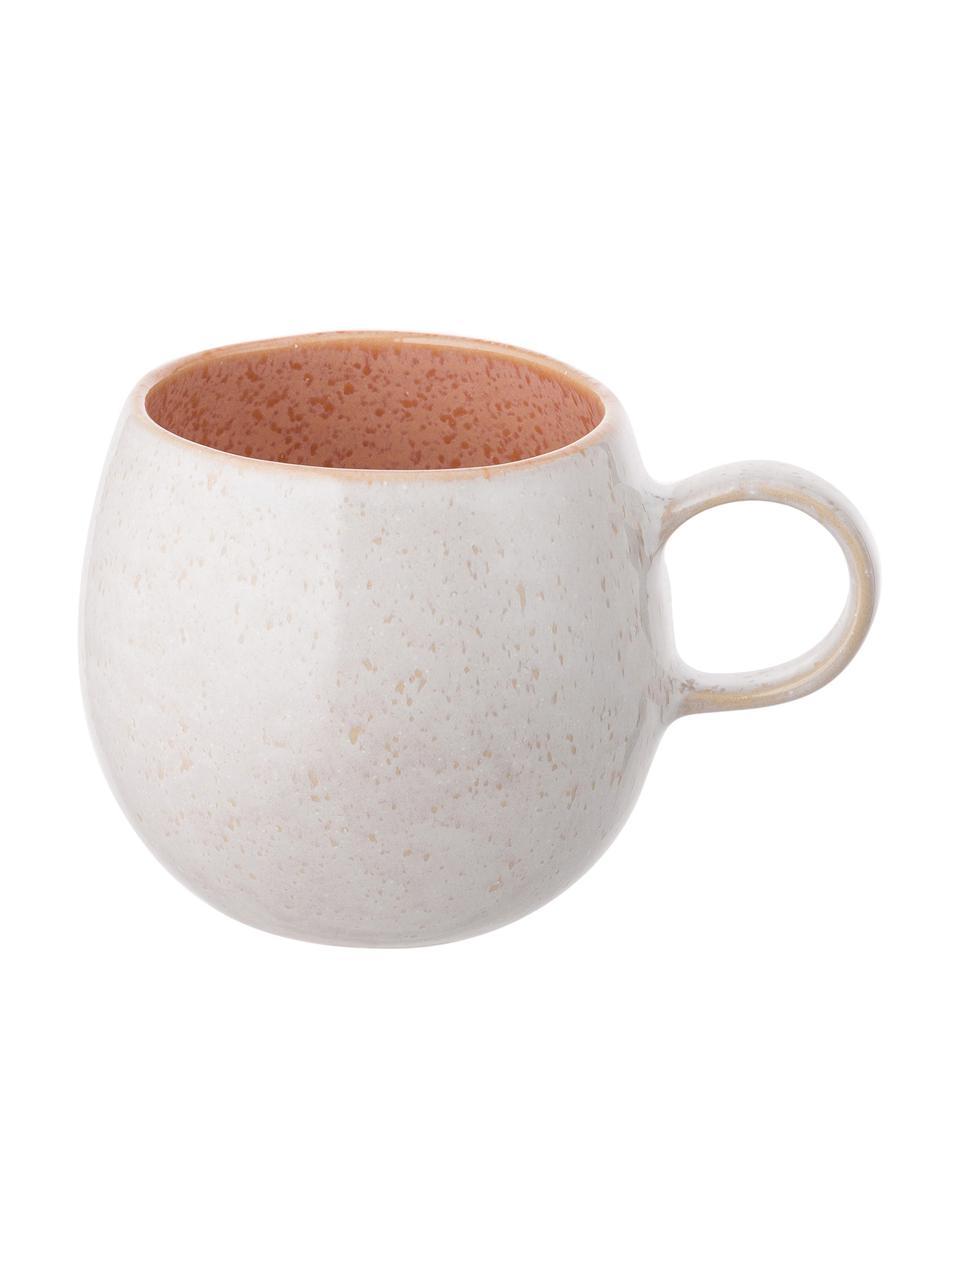 Tasse à thé peinte à la main Areia, 2pièces, Tons rouges, blanc cassé, beige clair